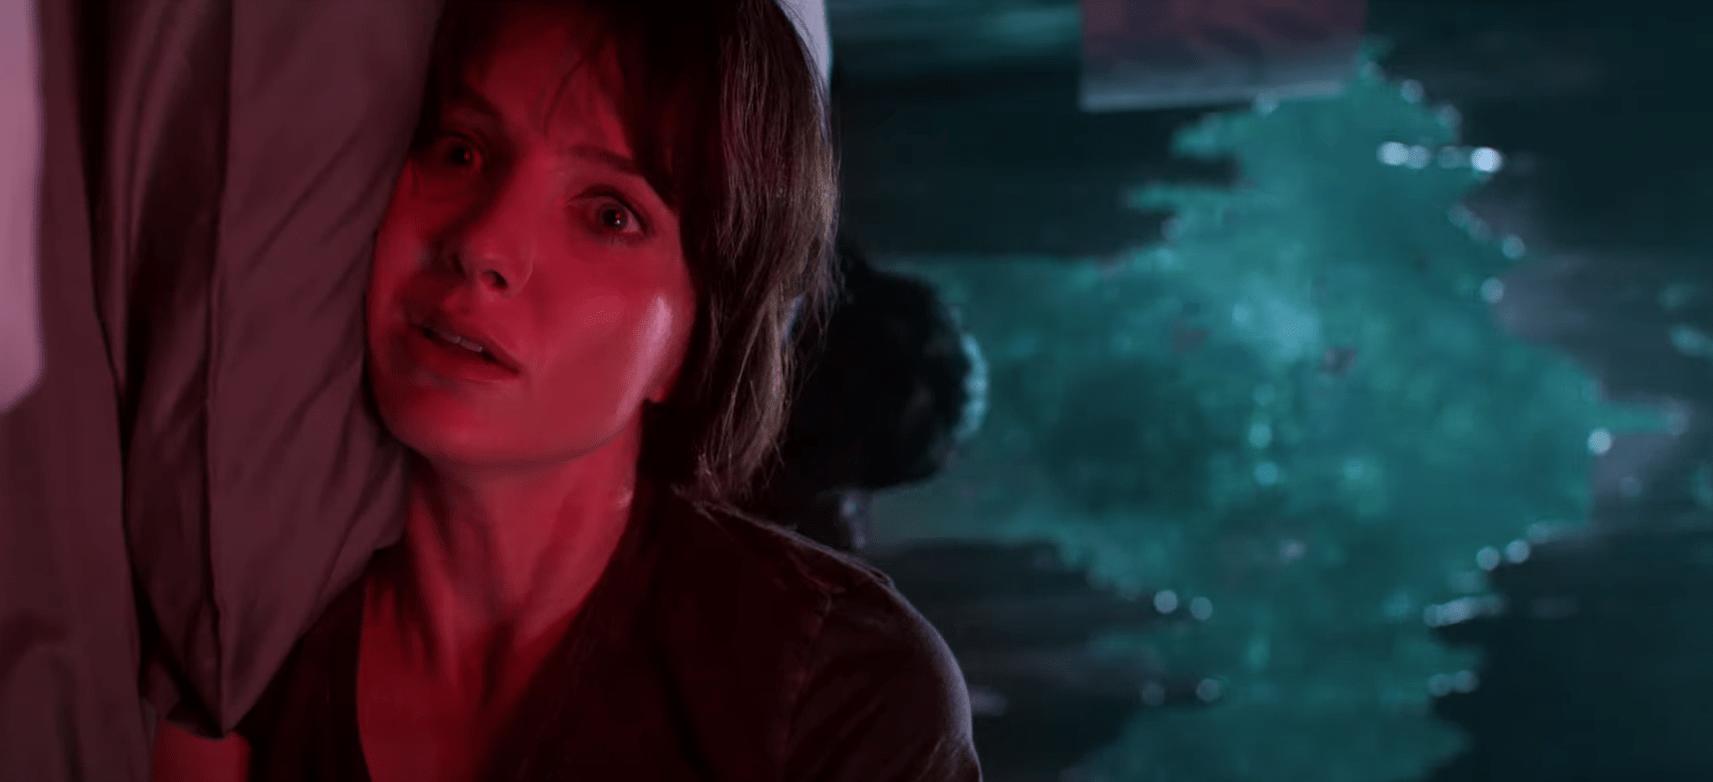 Maligno: Trailer de la nueva película de terror de James Wan